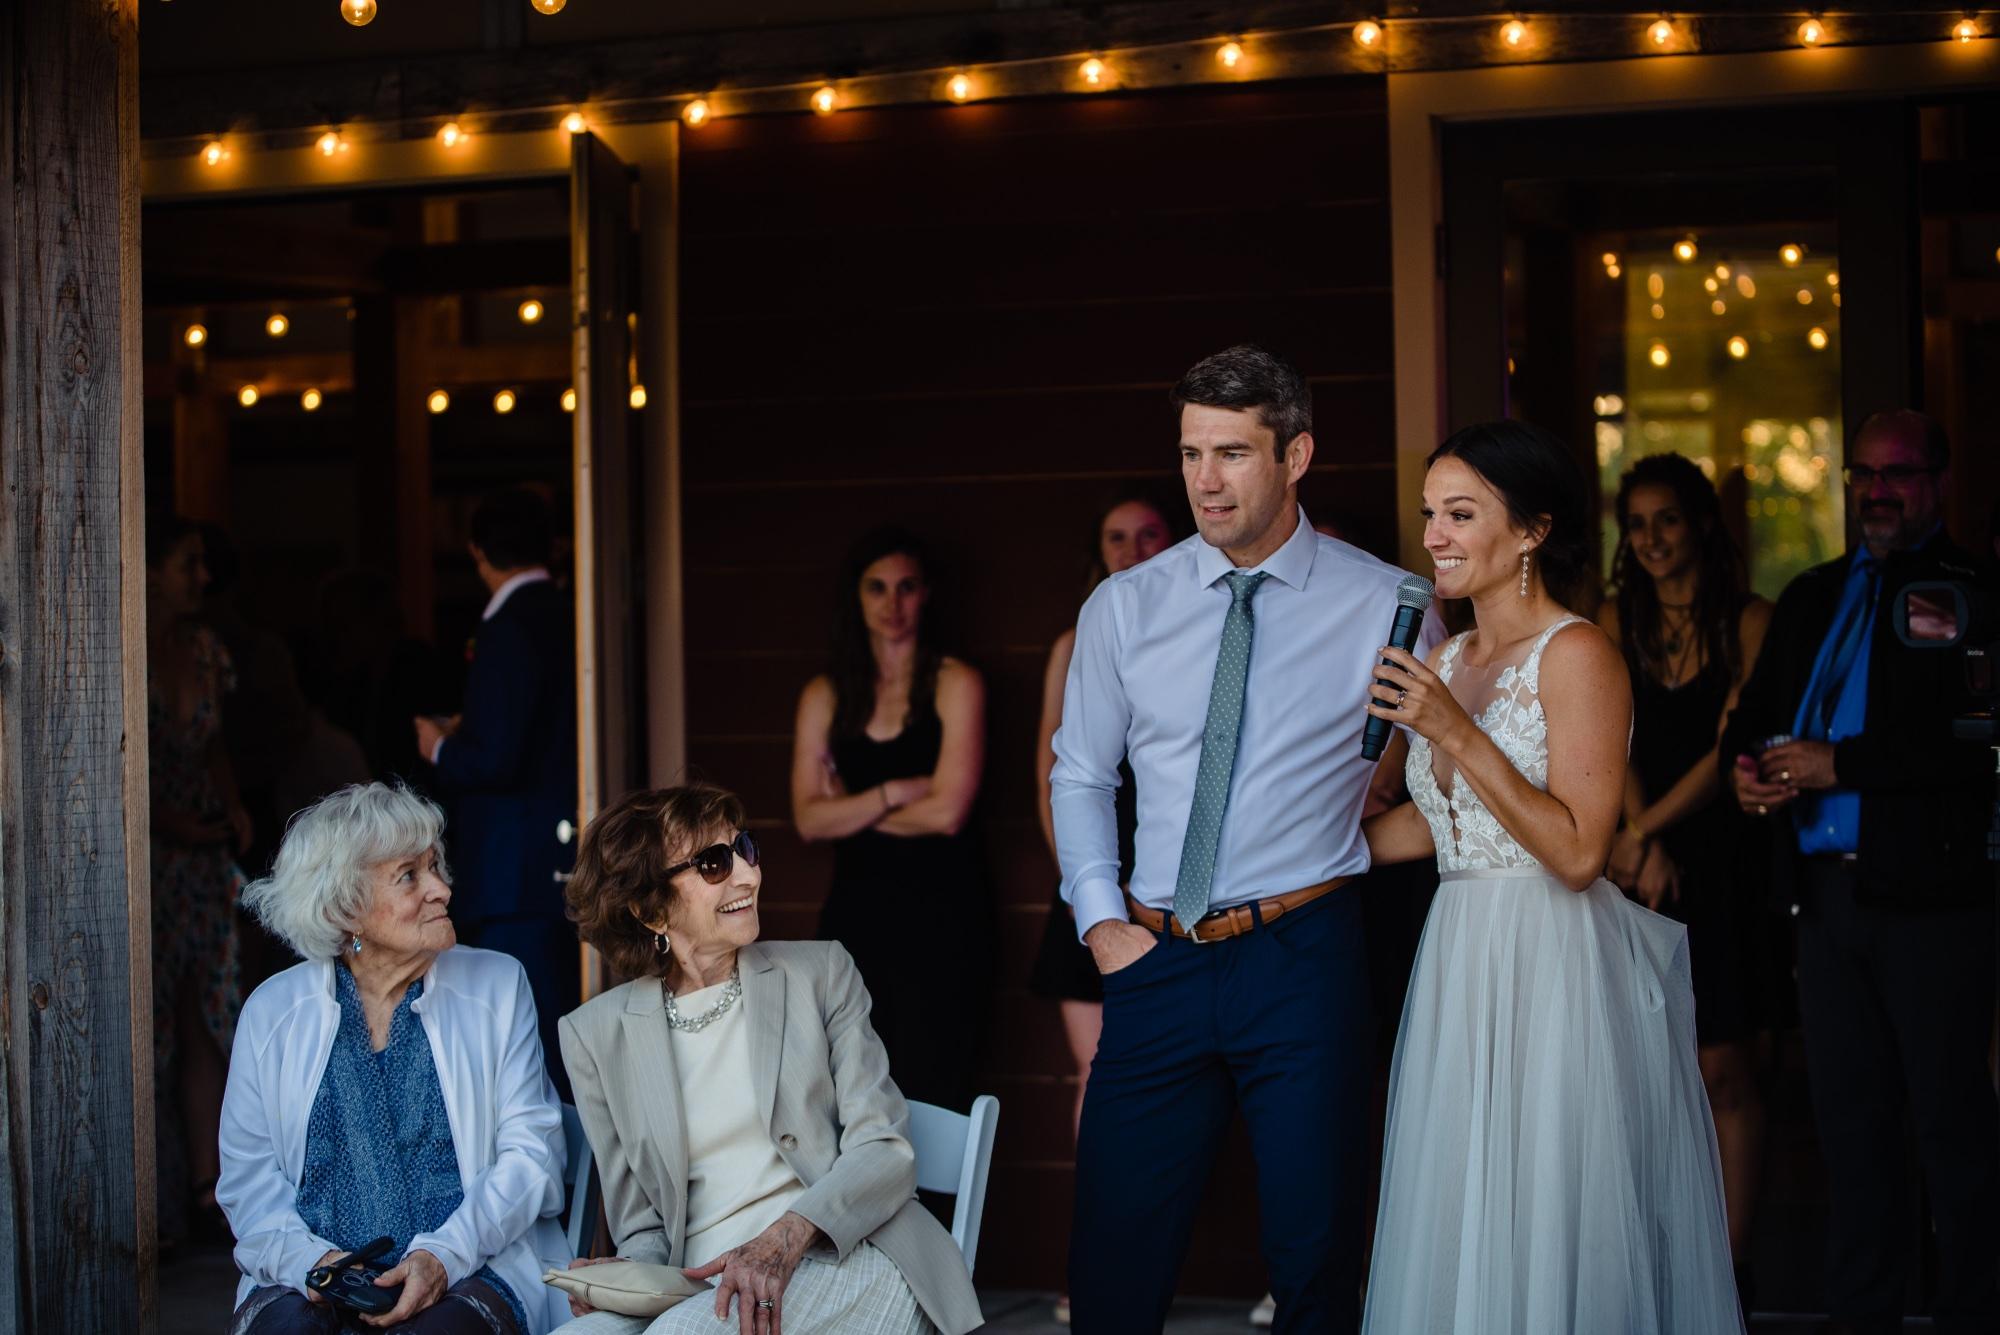 lindseyjane_weddings0146.jpg